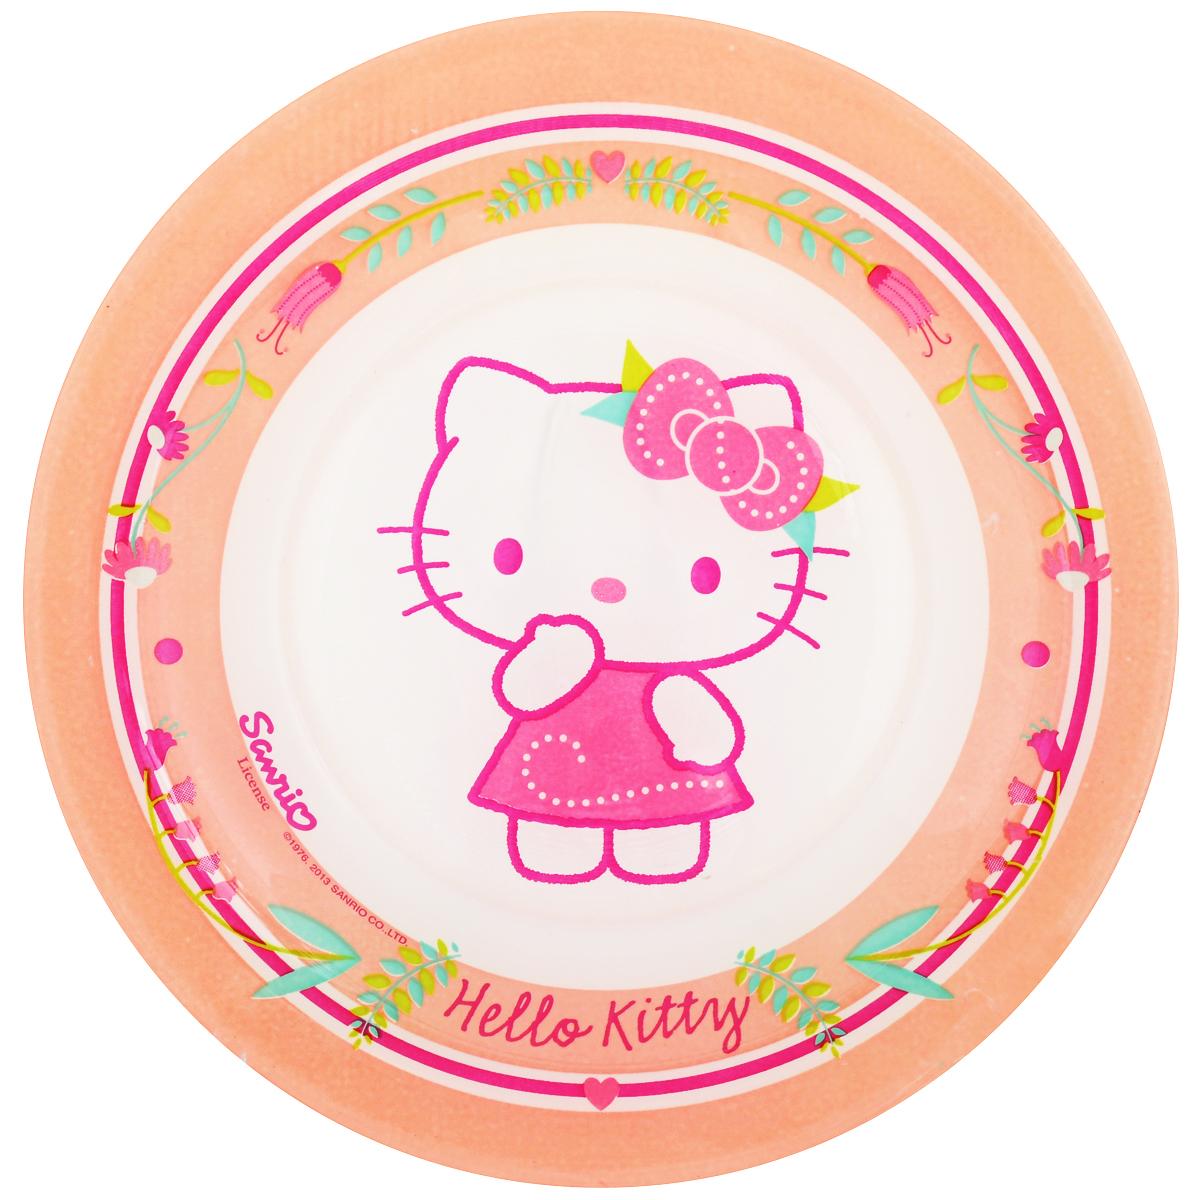 Тарелка десертная Luminarc Hello Kitty. Nordic Flower, диаметр 19,5 смJ0036Десертная тарелка Luminarc Hello Kitty. Nordic Flower, изготовленная из ударопрочного стекла, имеет изысканный внешний вид. Такая тарелка прекрасно подходит как для торжественных случаев, так и для повседневного использования. Идеальна для подачи десертов, пирожных, тортов и многого другого. Она прекрасно оформит стол и станет отличным дополнением к вашей коллекции кухонной посуды. Диаметр тарелки: 19,5 см.